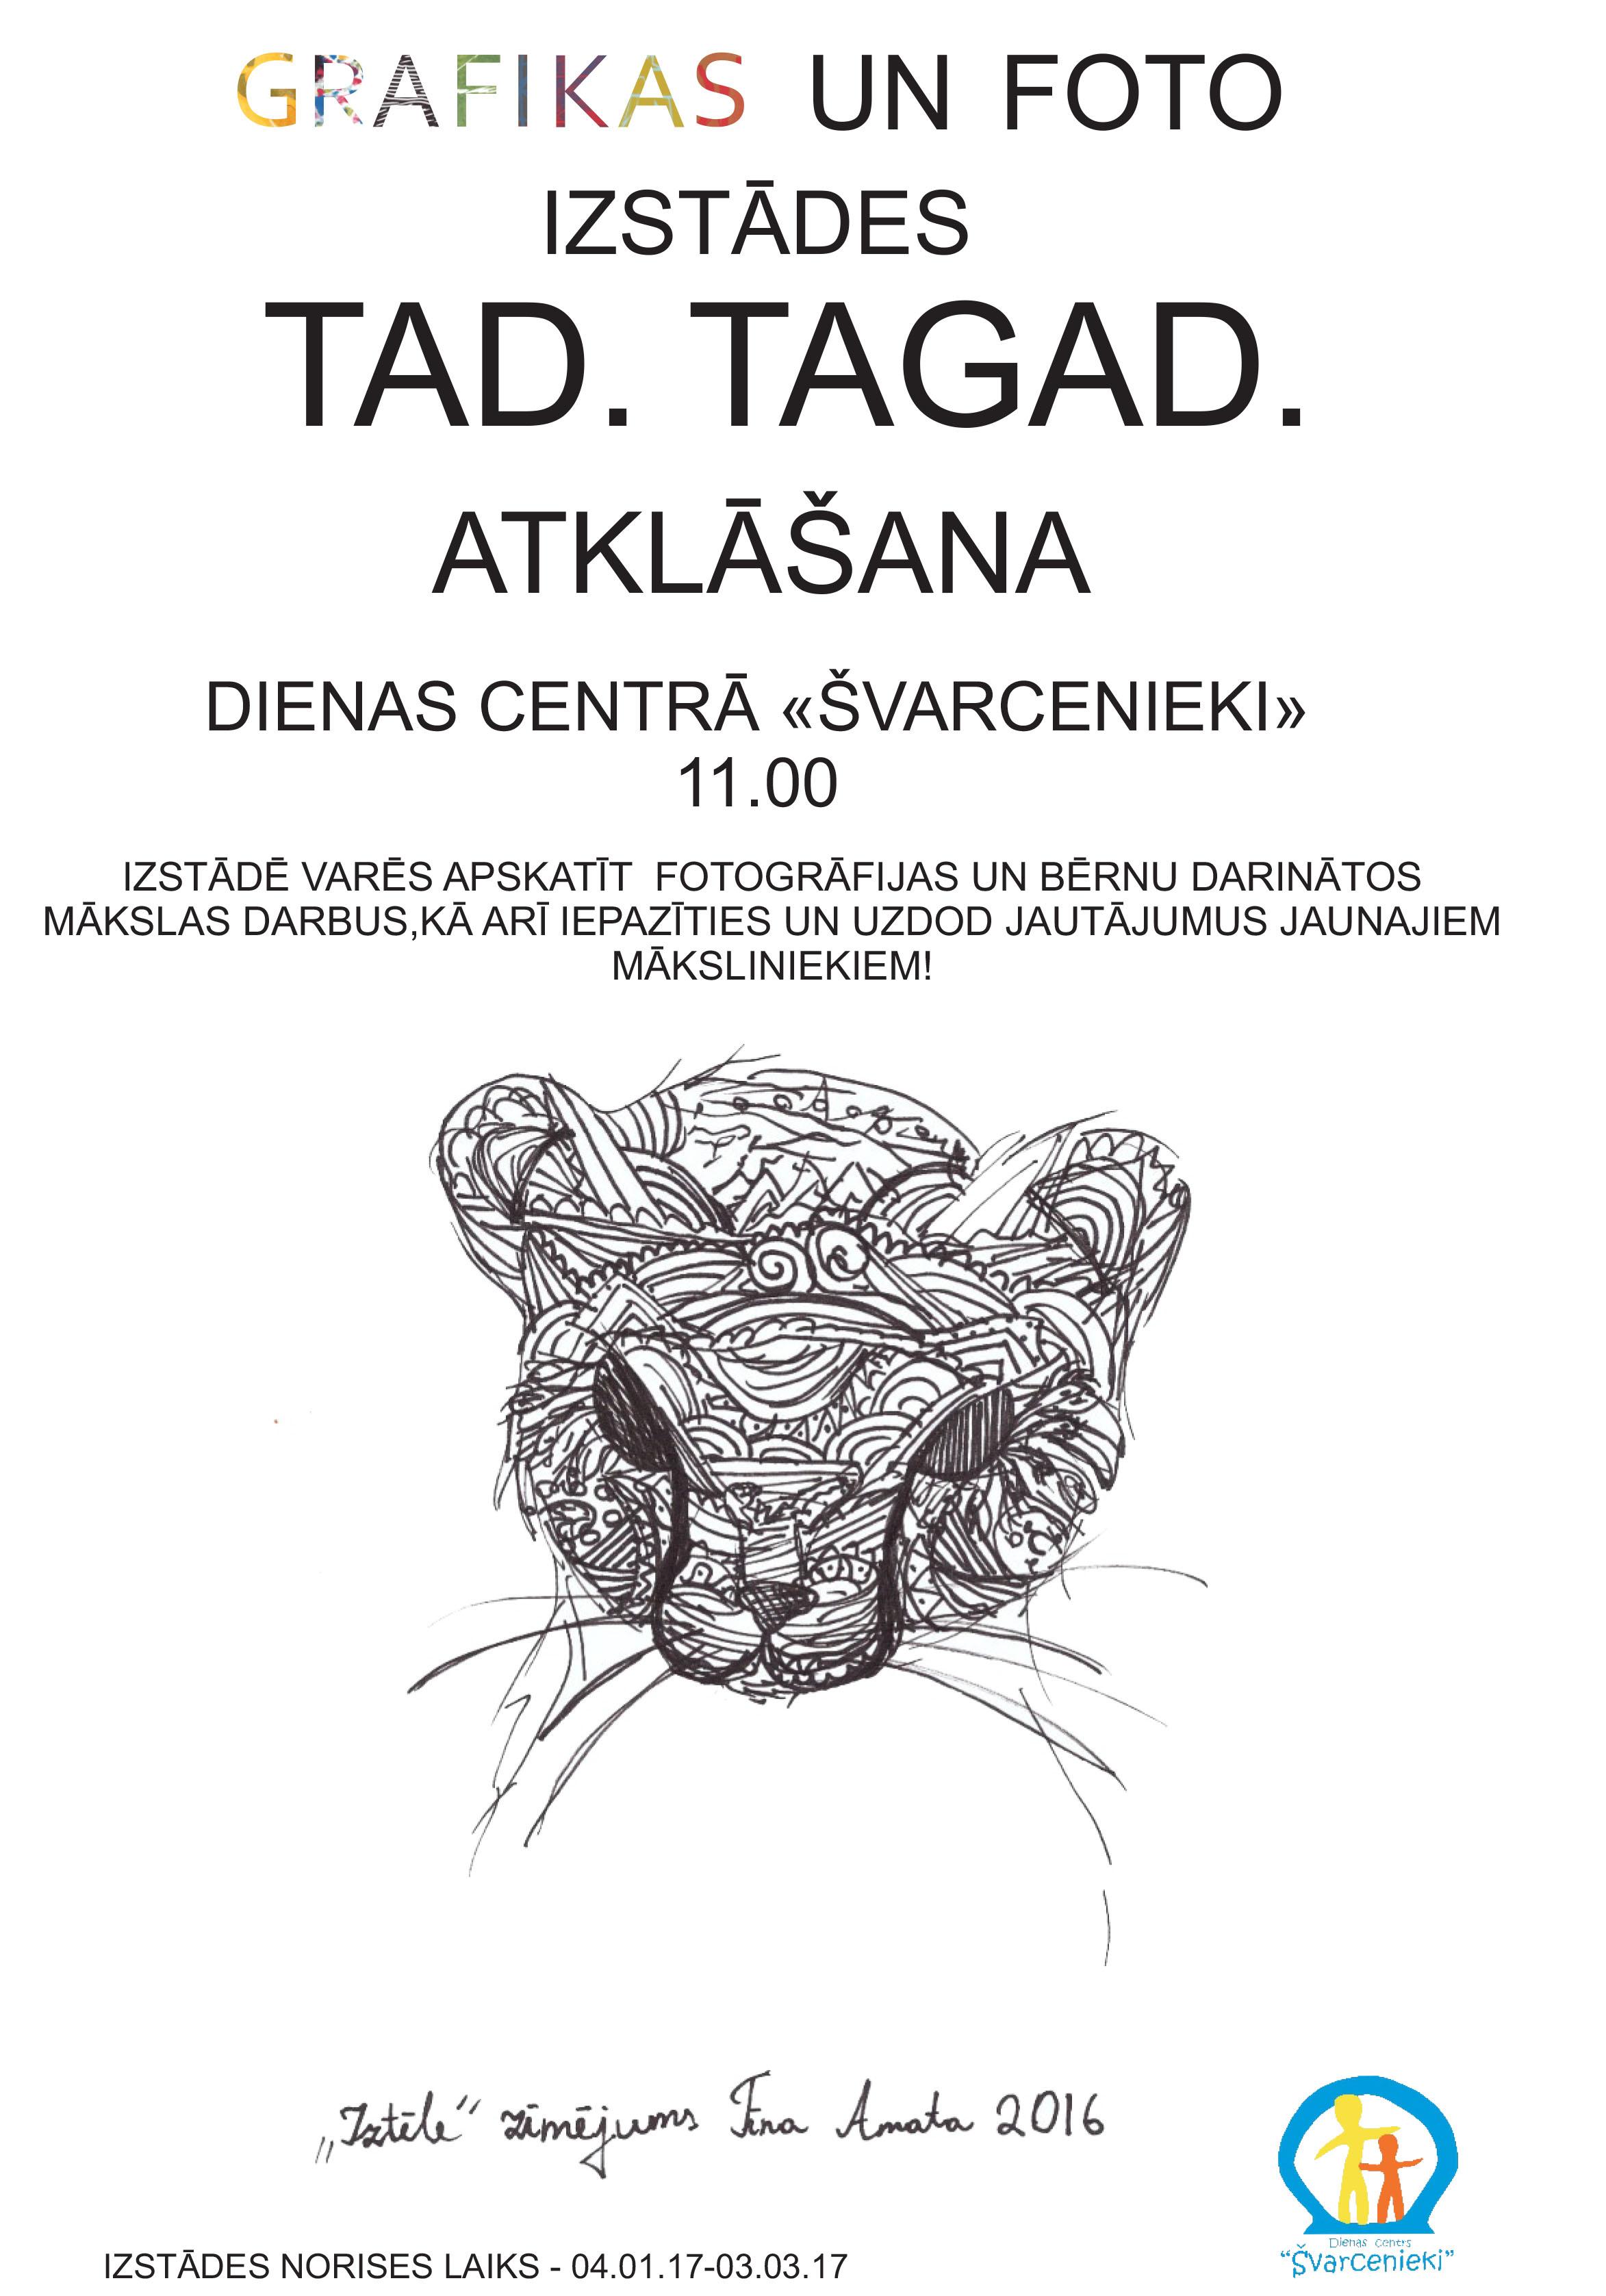 GRAFIKAS IZSTADES ATKLASANA.cdr